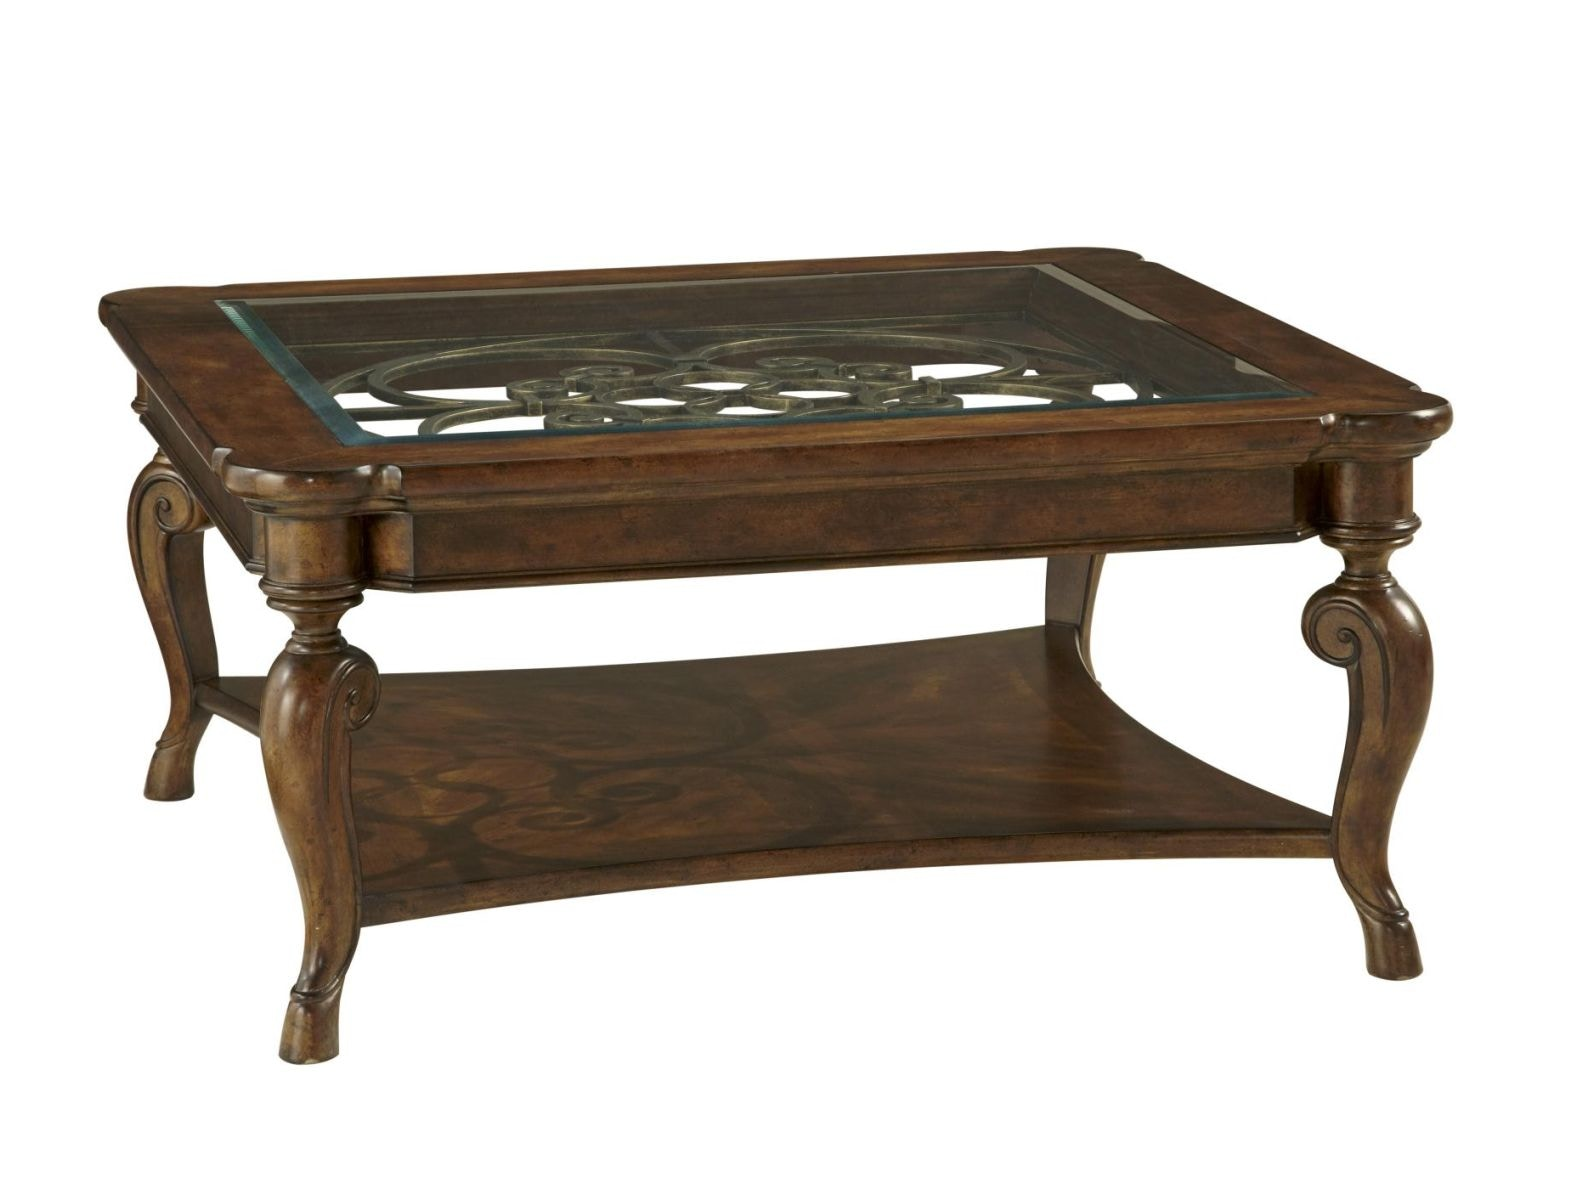 Biltmore Furniture Collection Fine Furniture Design Living Room Cocktail Table 1345-920 - Brashears ...